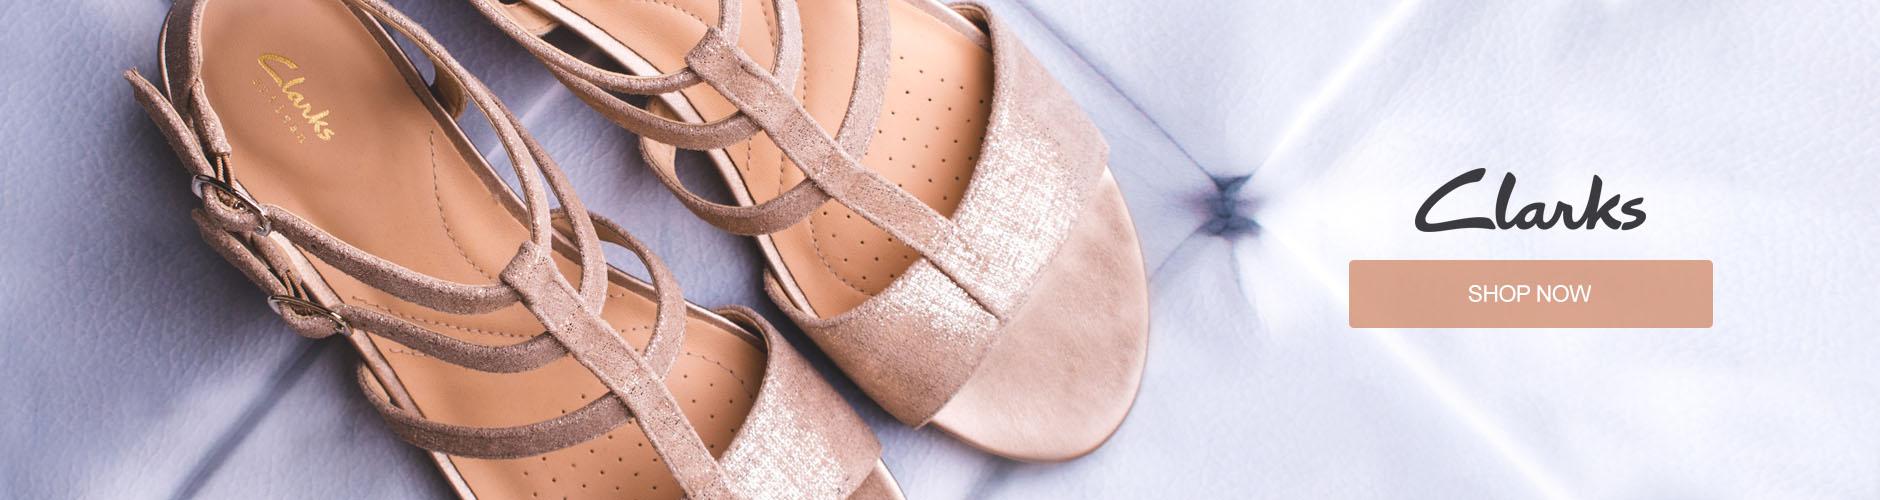 Ladies Clarks Shoes Shop Now